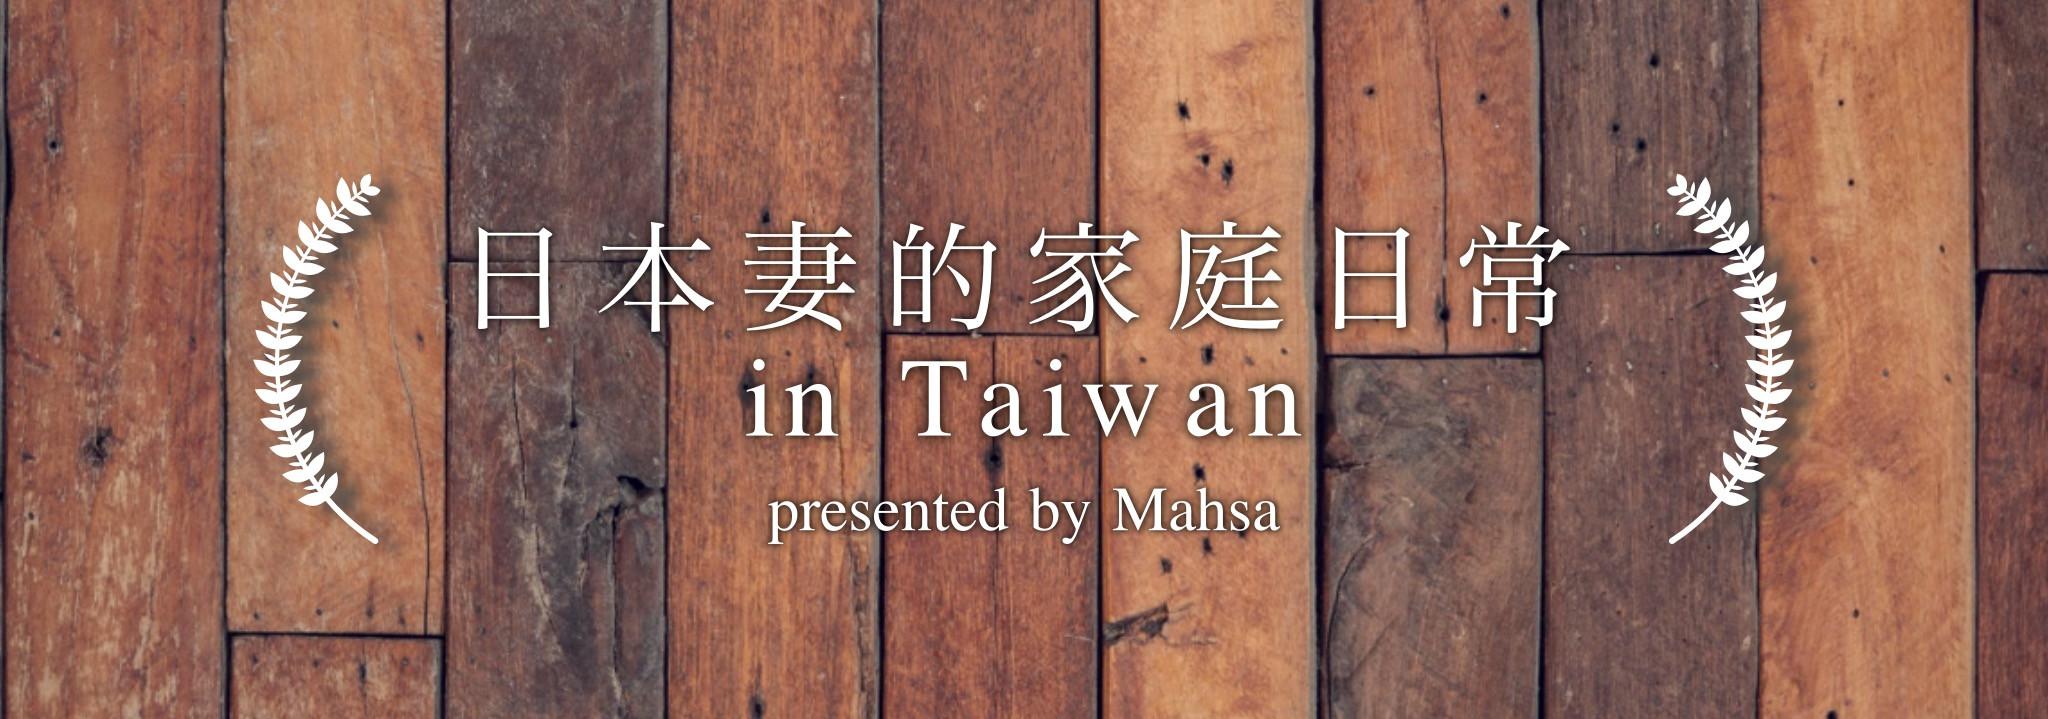 日本妻の家庭日常 in 台湾 的個人封面